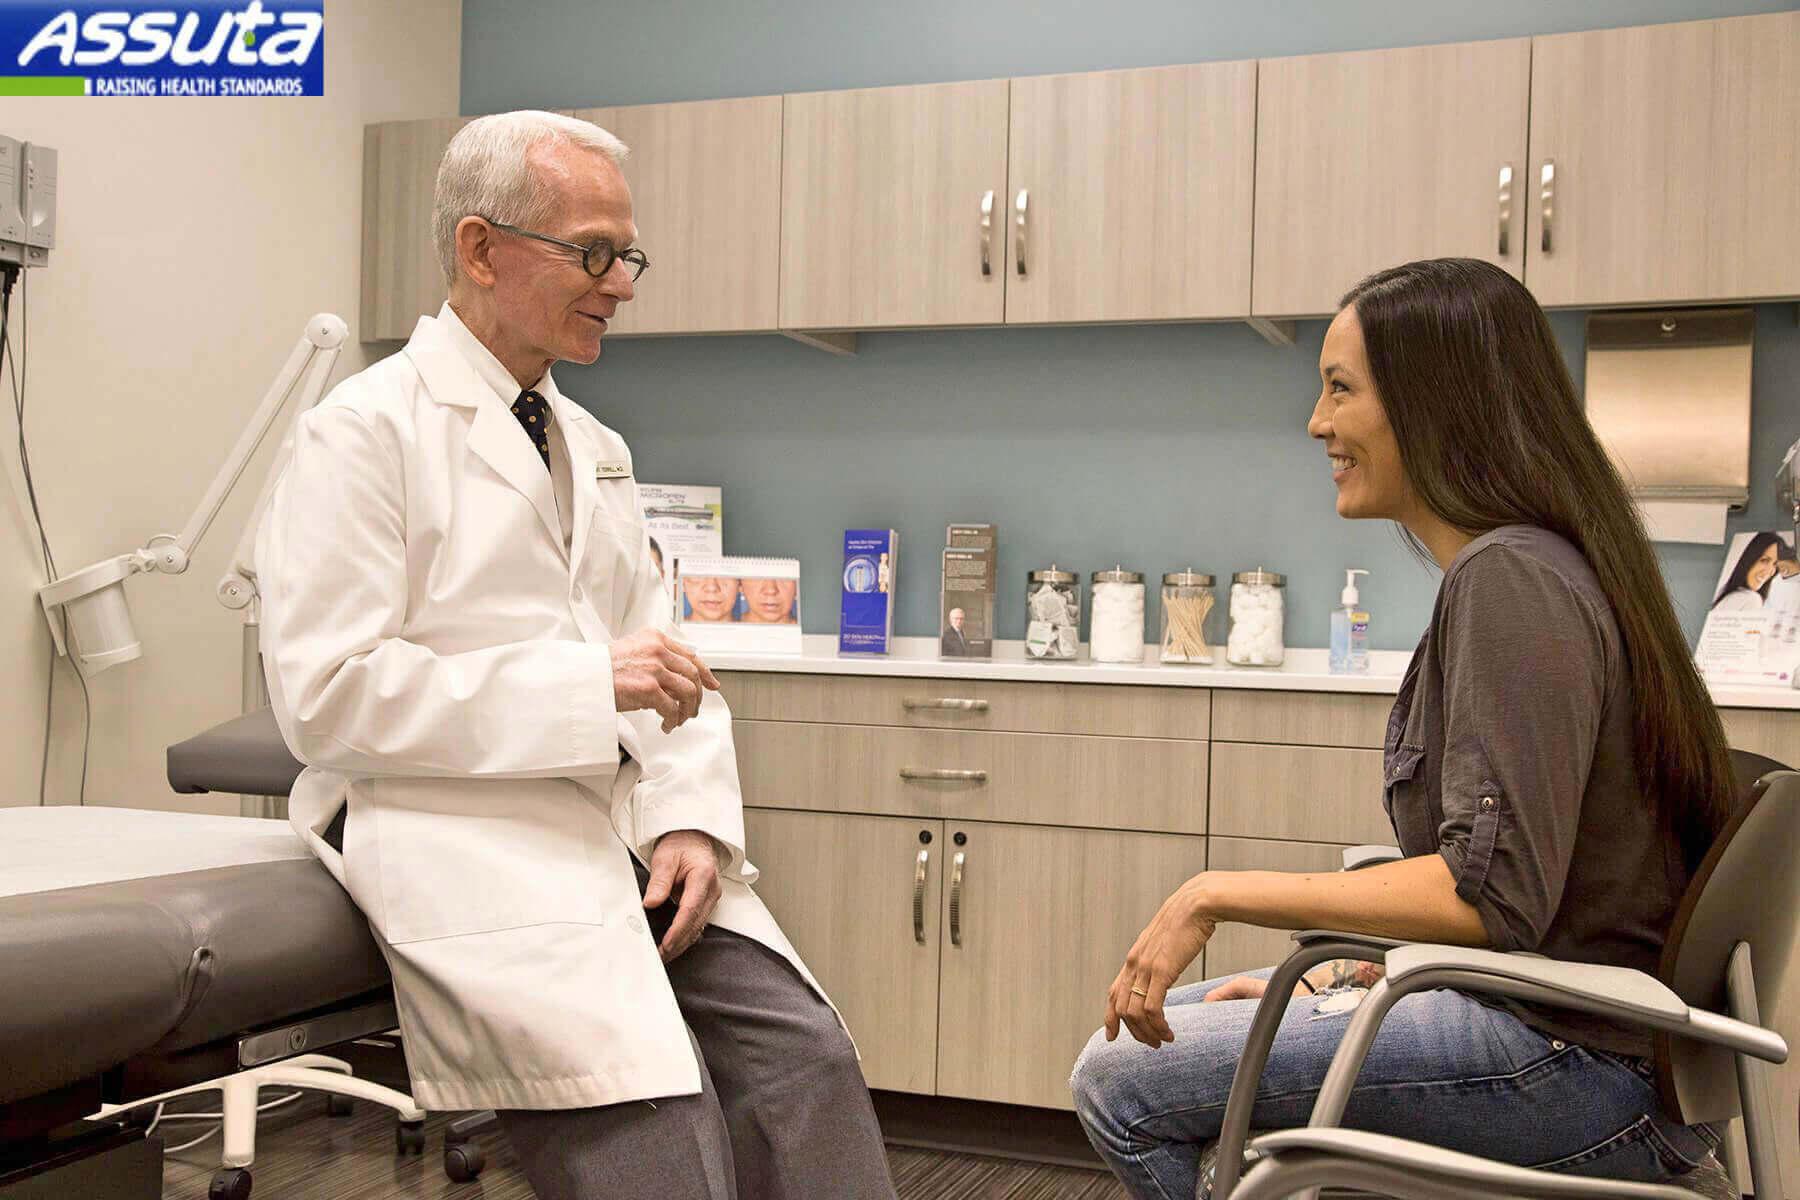 доктор-невролог на приеме в клинике Ассута